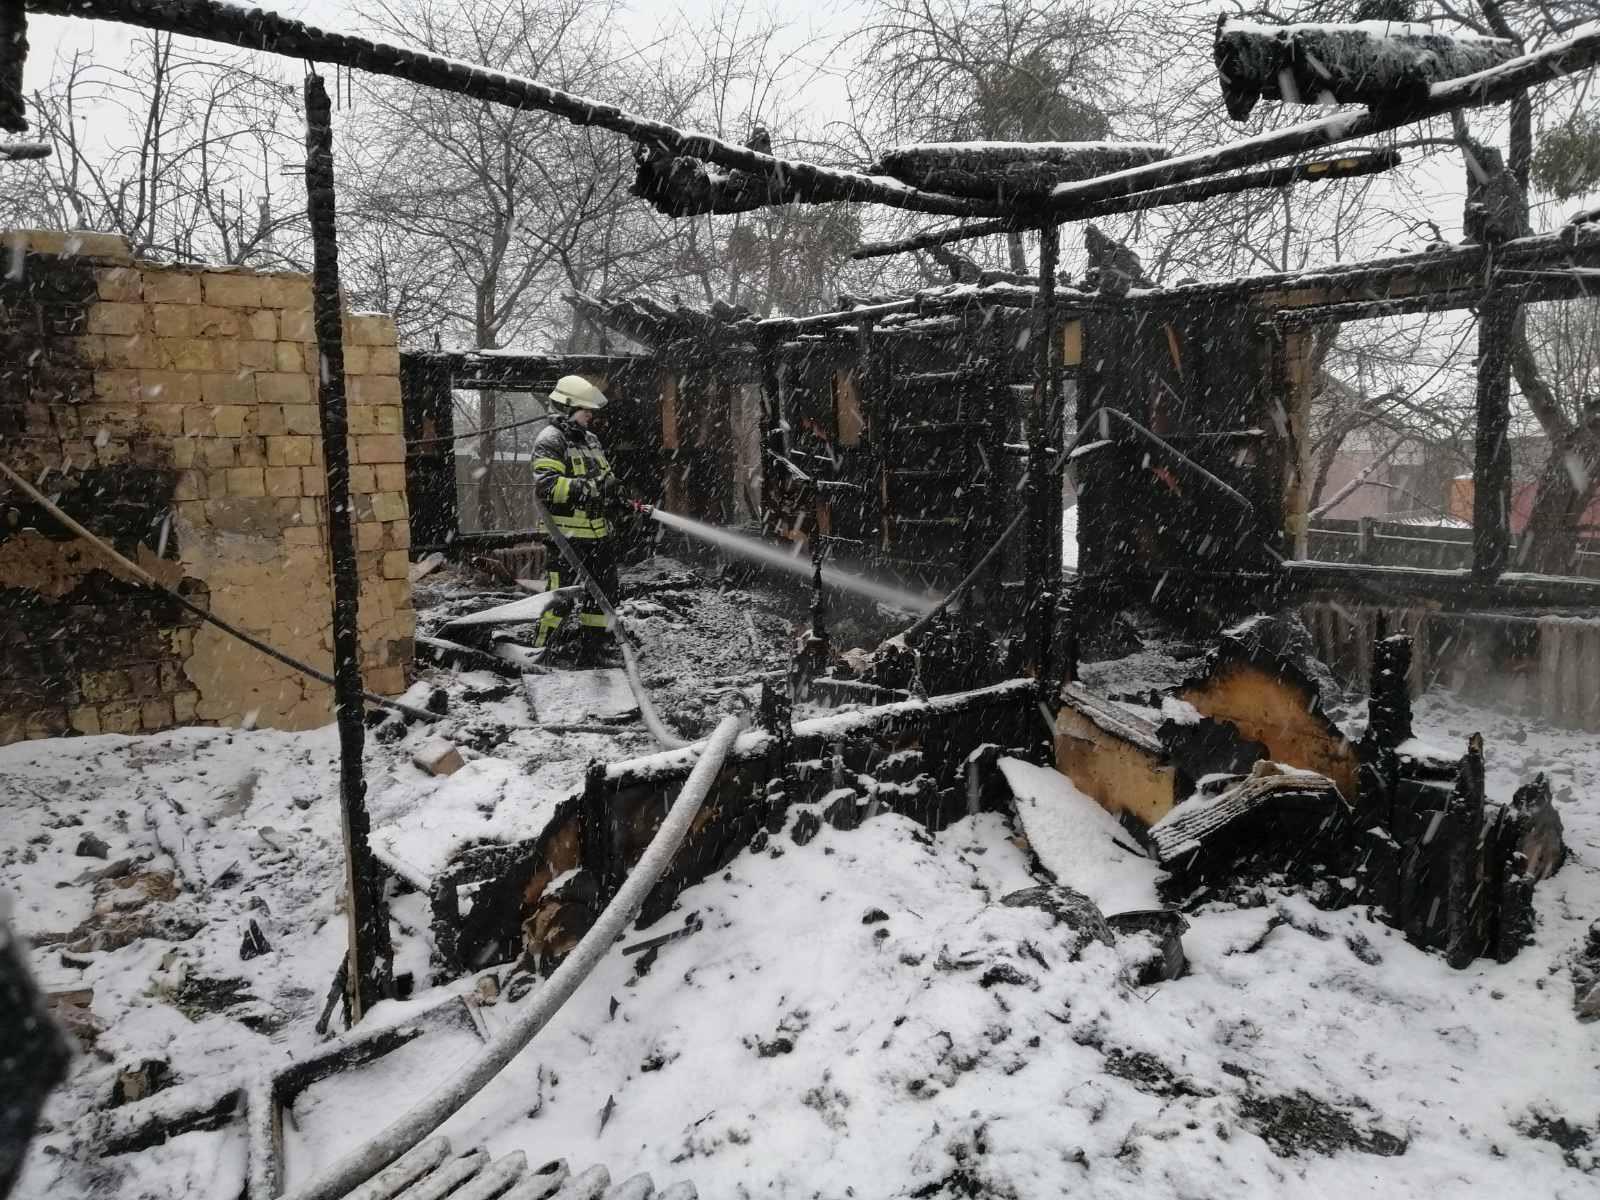 Київщина: у Кожухівці і Ходосівці у вогні загинули троє осіб - трагедія, смерть, пожежа, вогонь, Васильківщина - 64F3F91E 0E15 48B2 8FB1 CBBA9F619B89